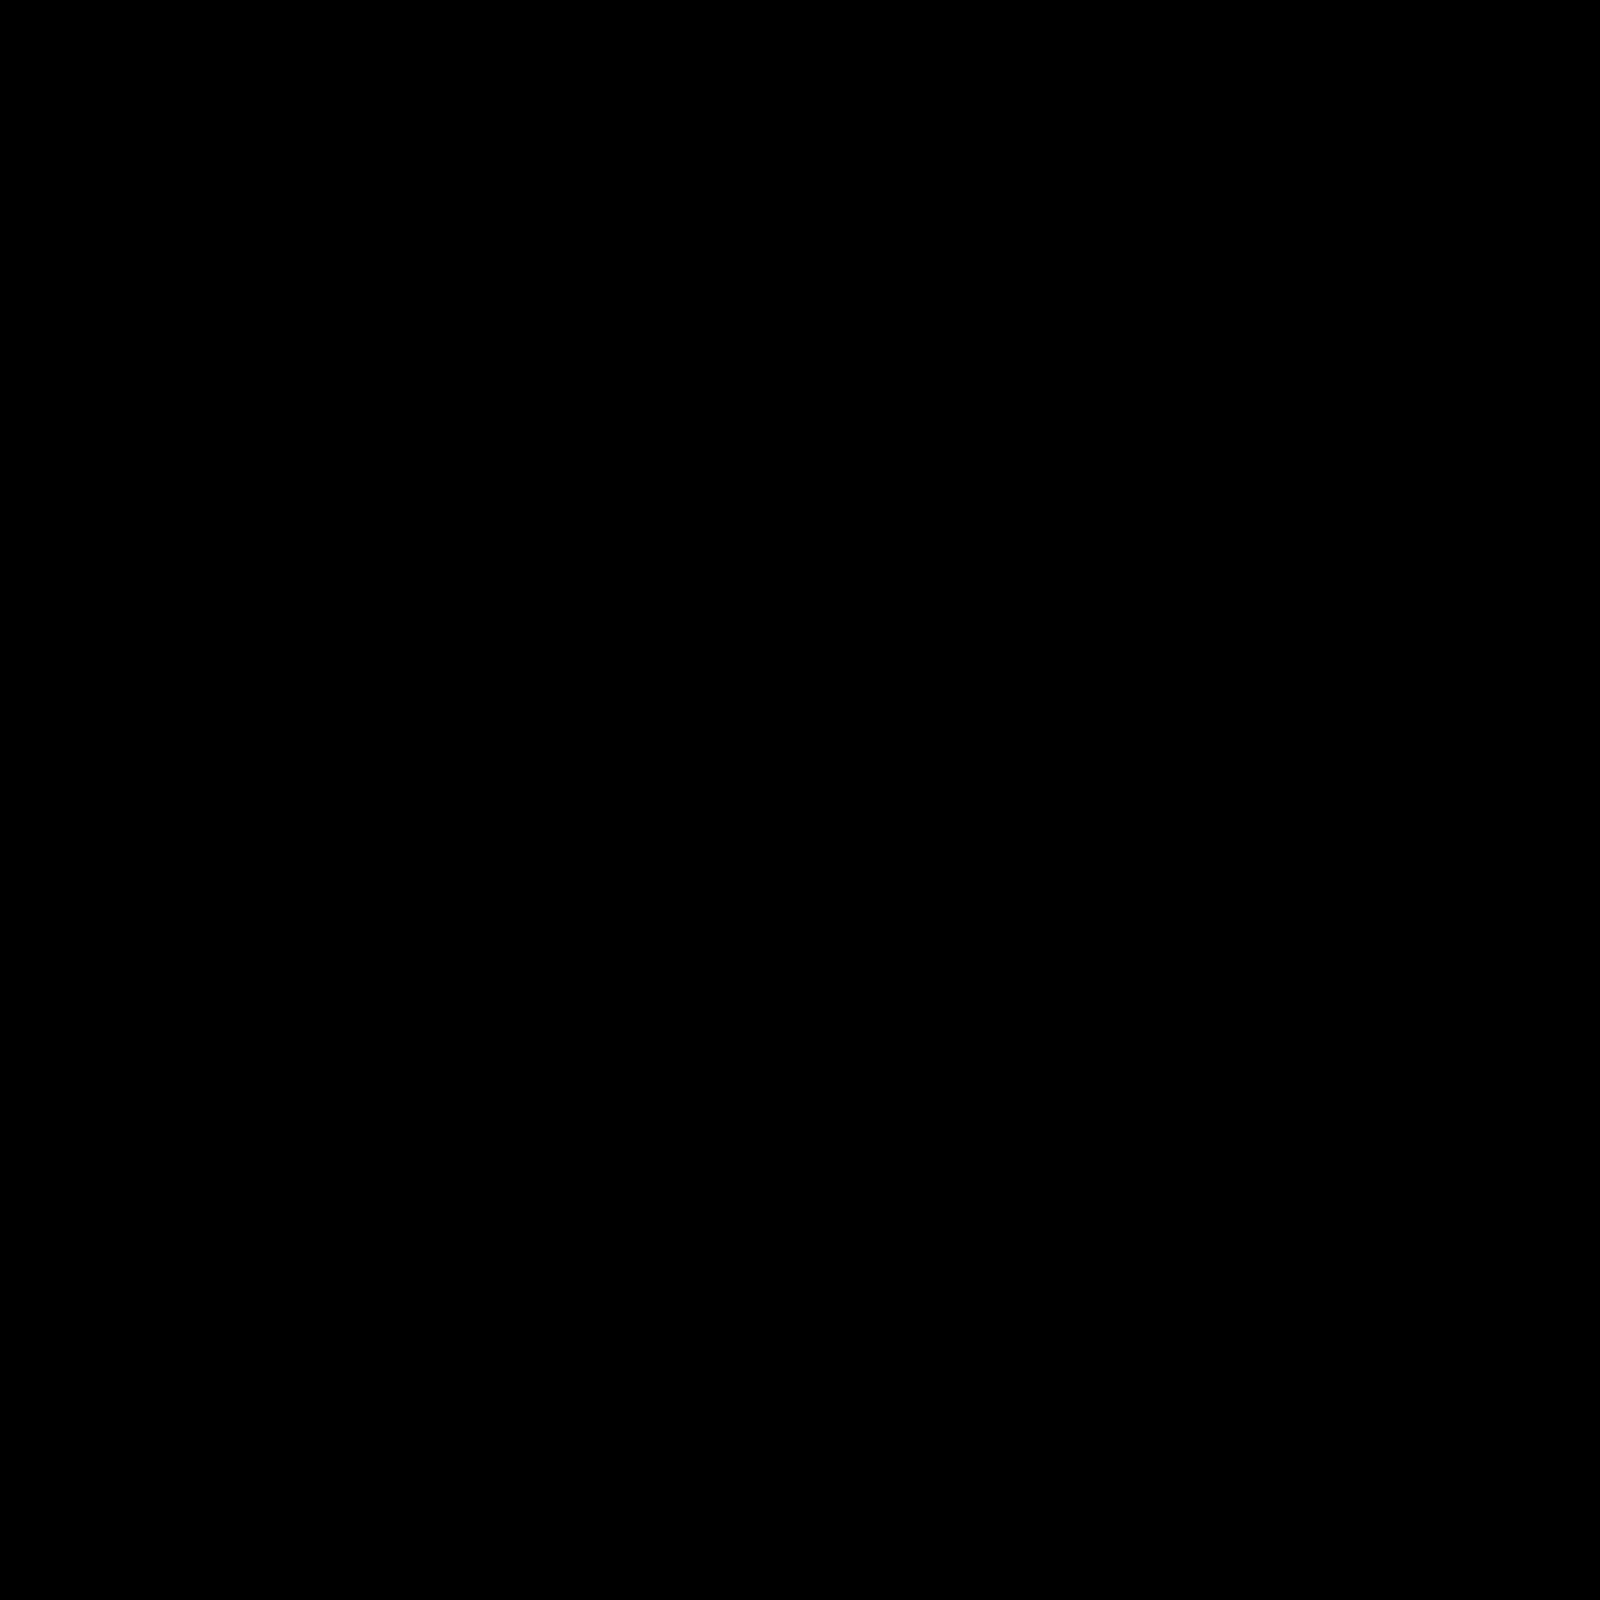 星 icon. A star has five pointed sides which are basically mini triangles all linked together at the seam. It is often seen in the sky at nighttime.